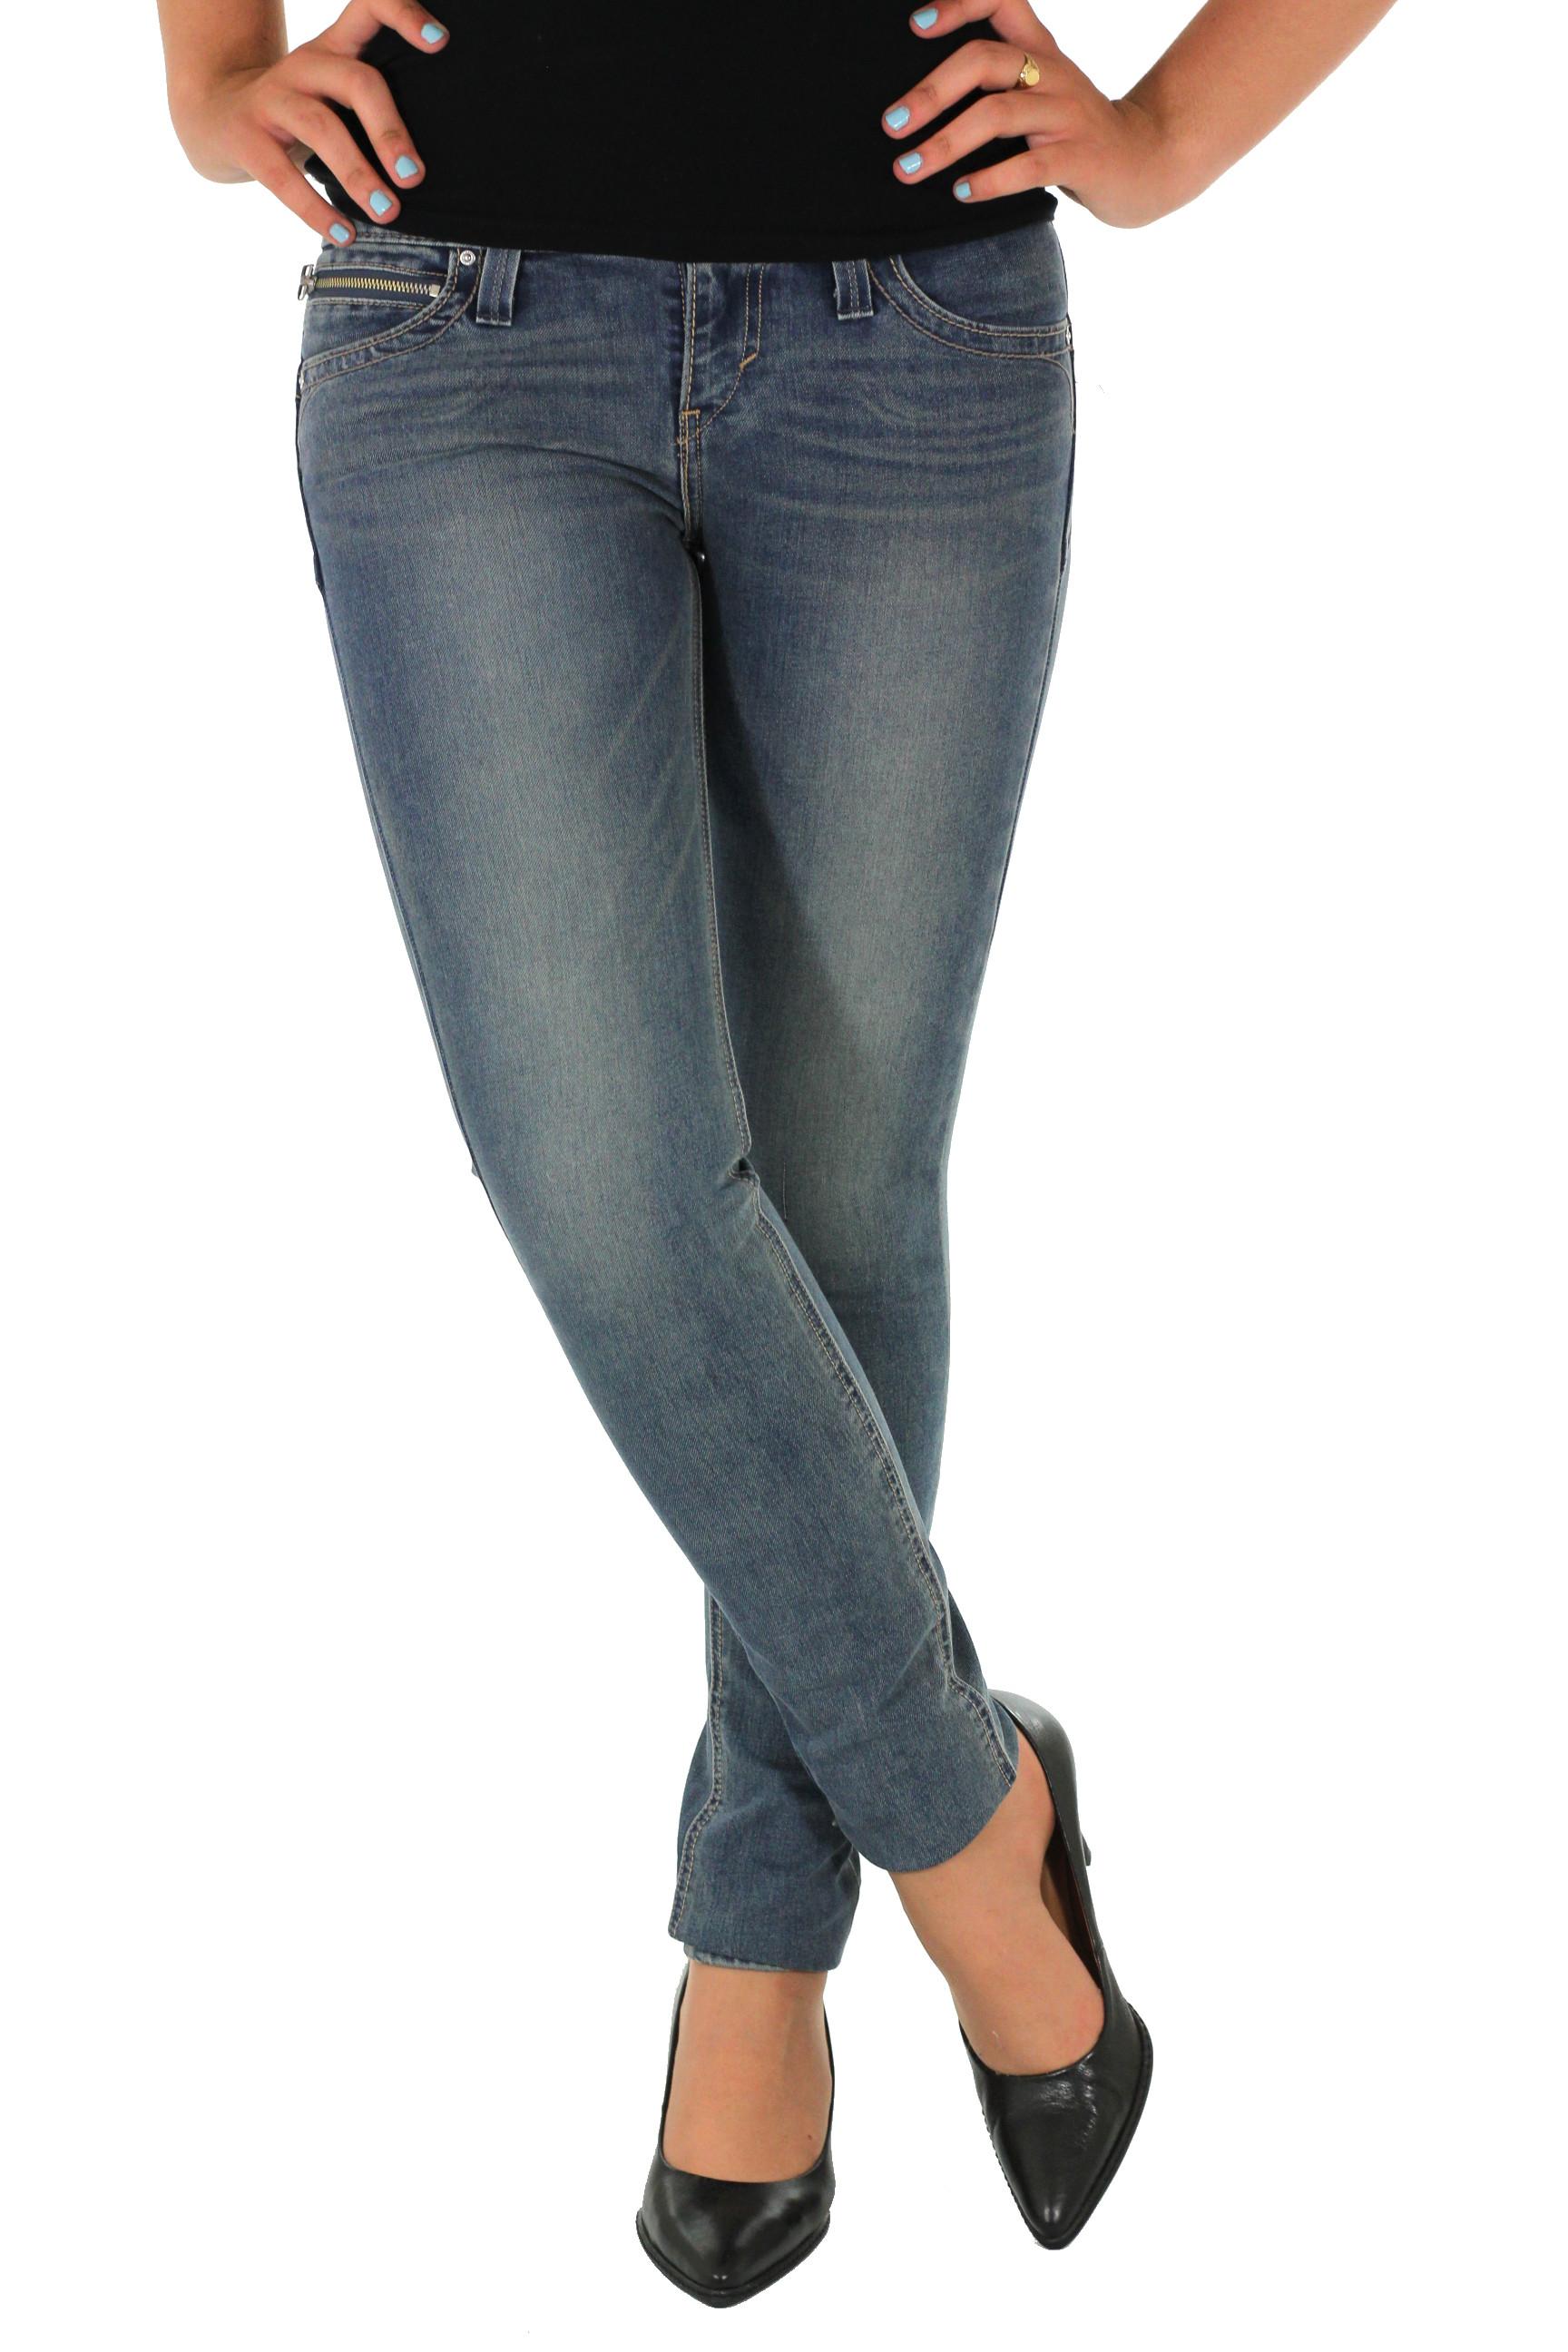 Levi's - Jeans femme Levis Revel Archive